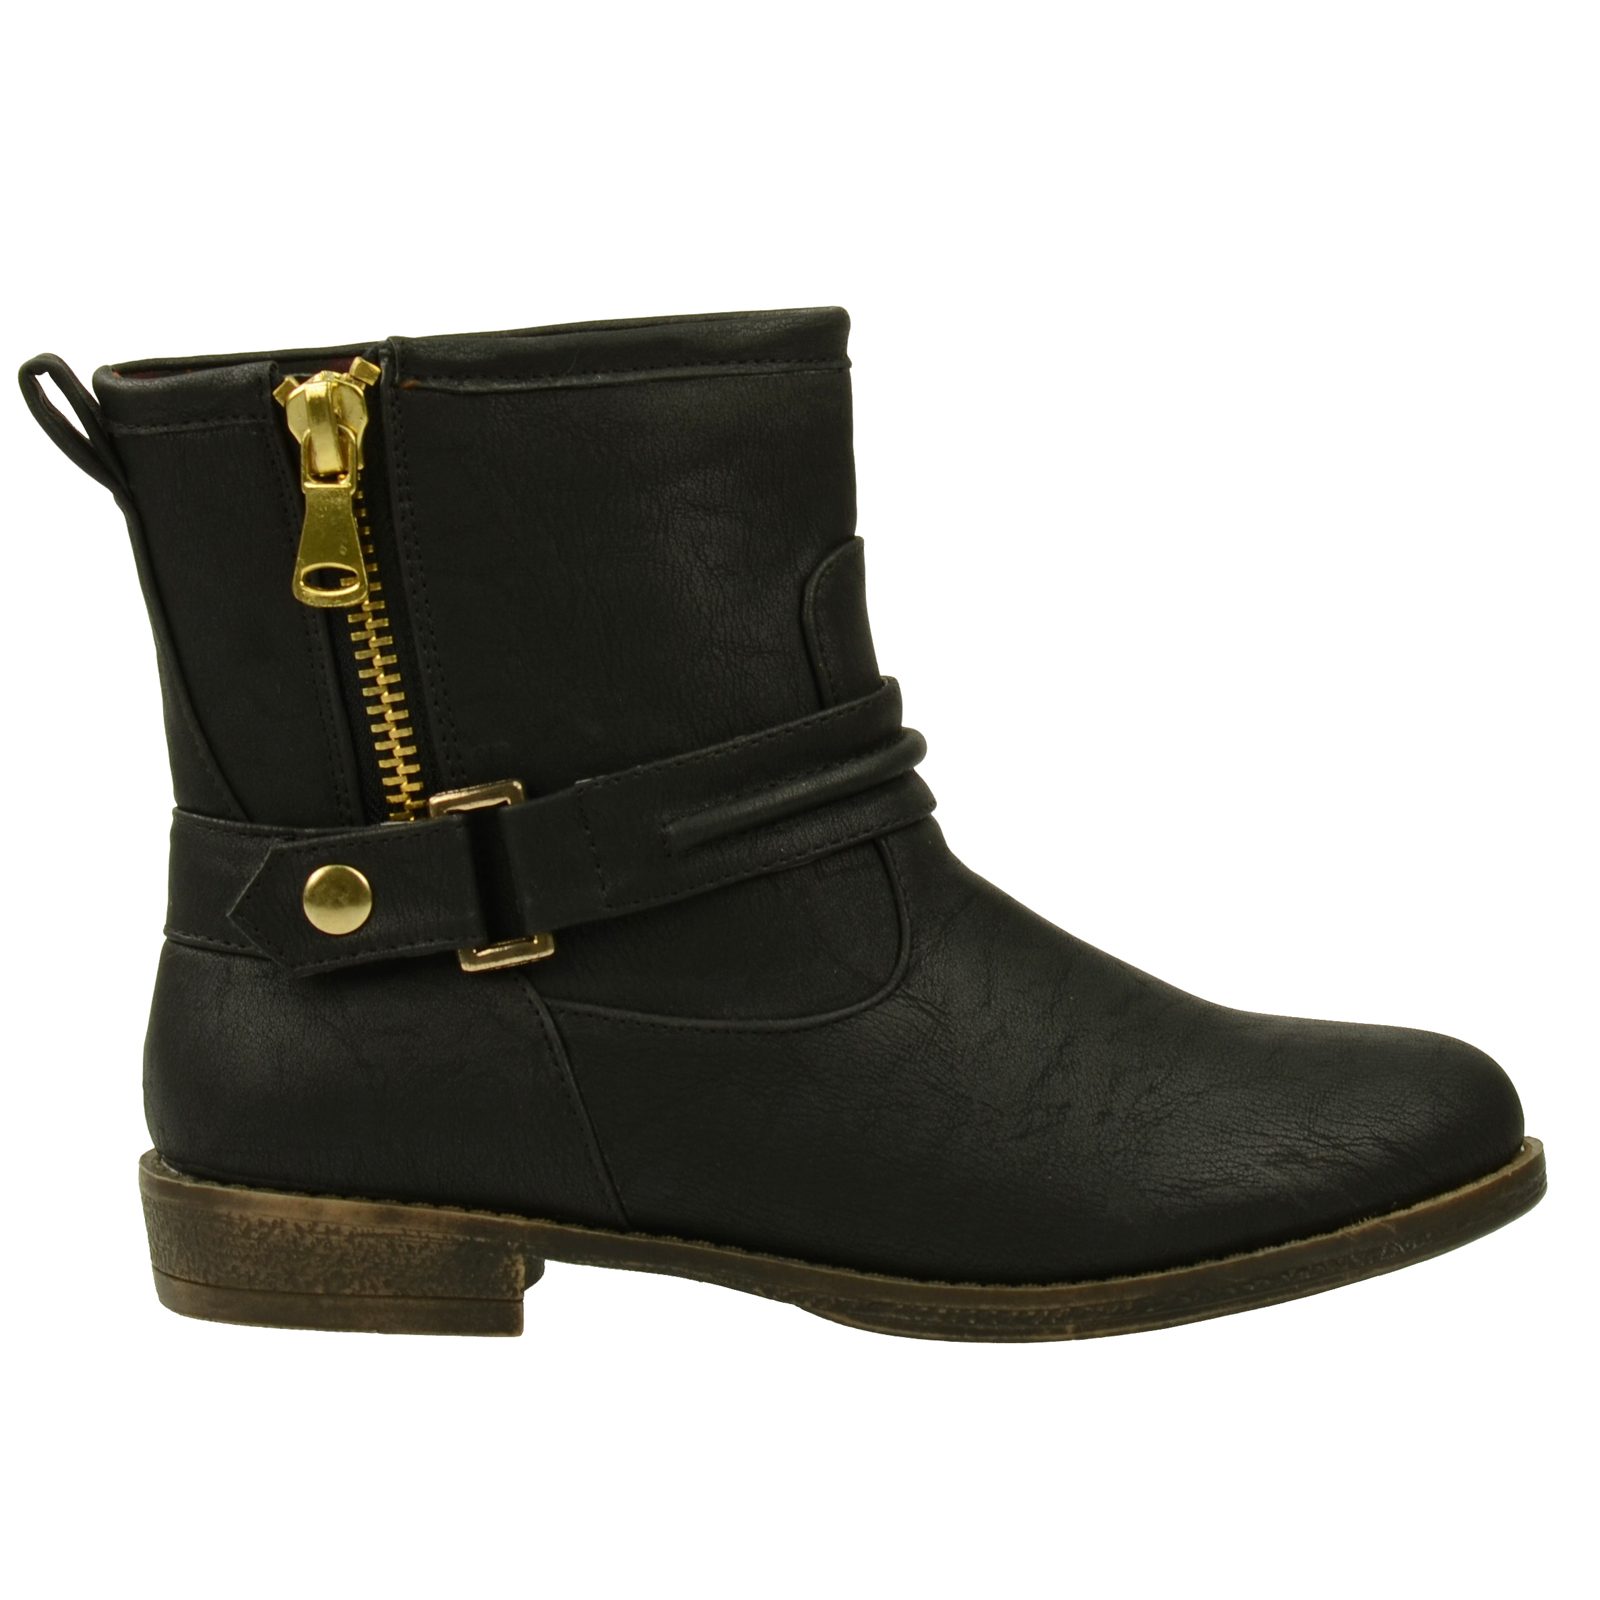 Boots synthétique noire à fermeture éclair // bottines  // SACHA